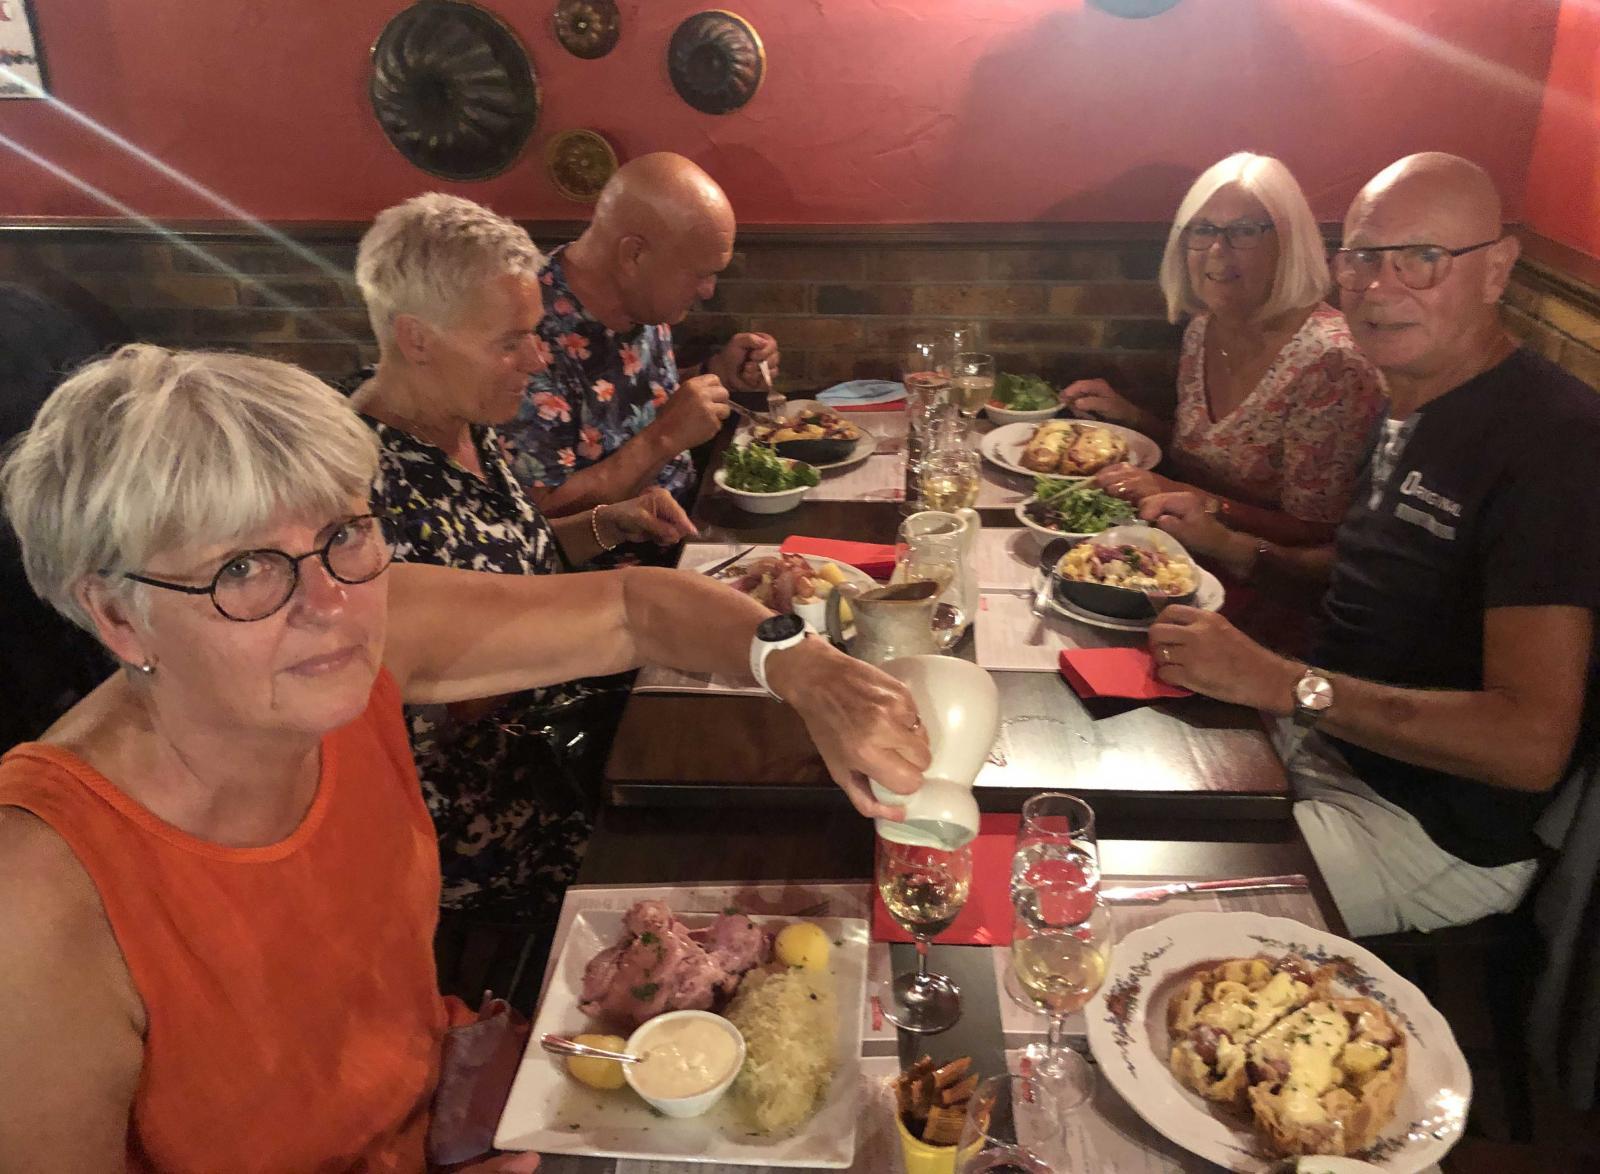 Klart vi måste pröva surkål när vi är i Alsace!